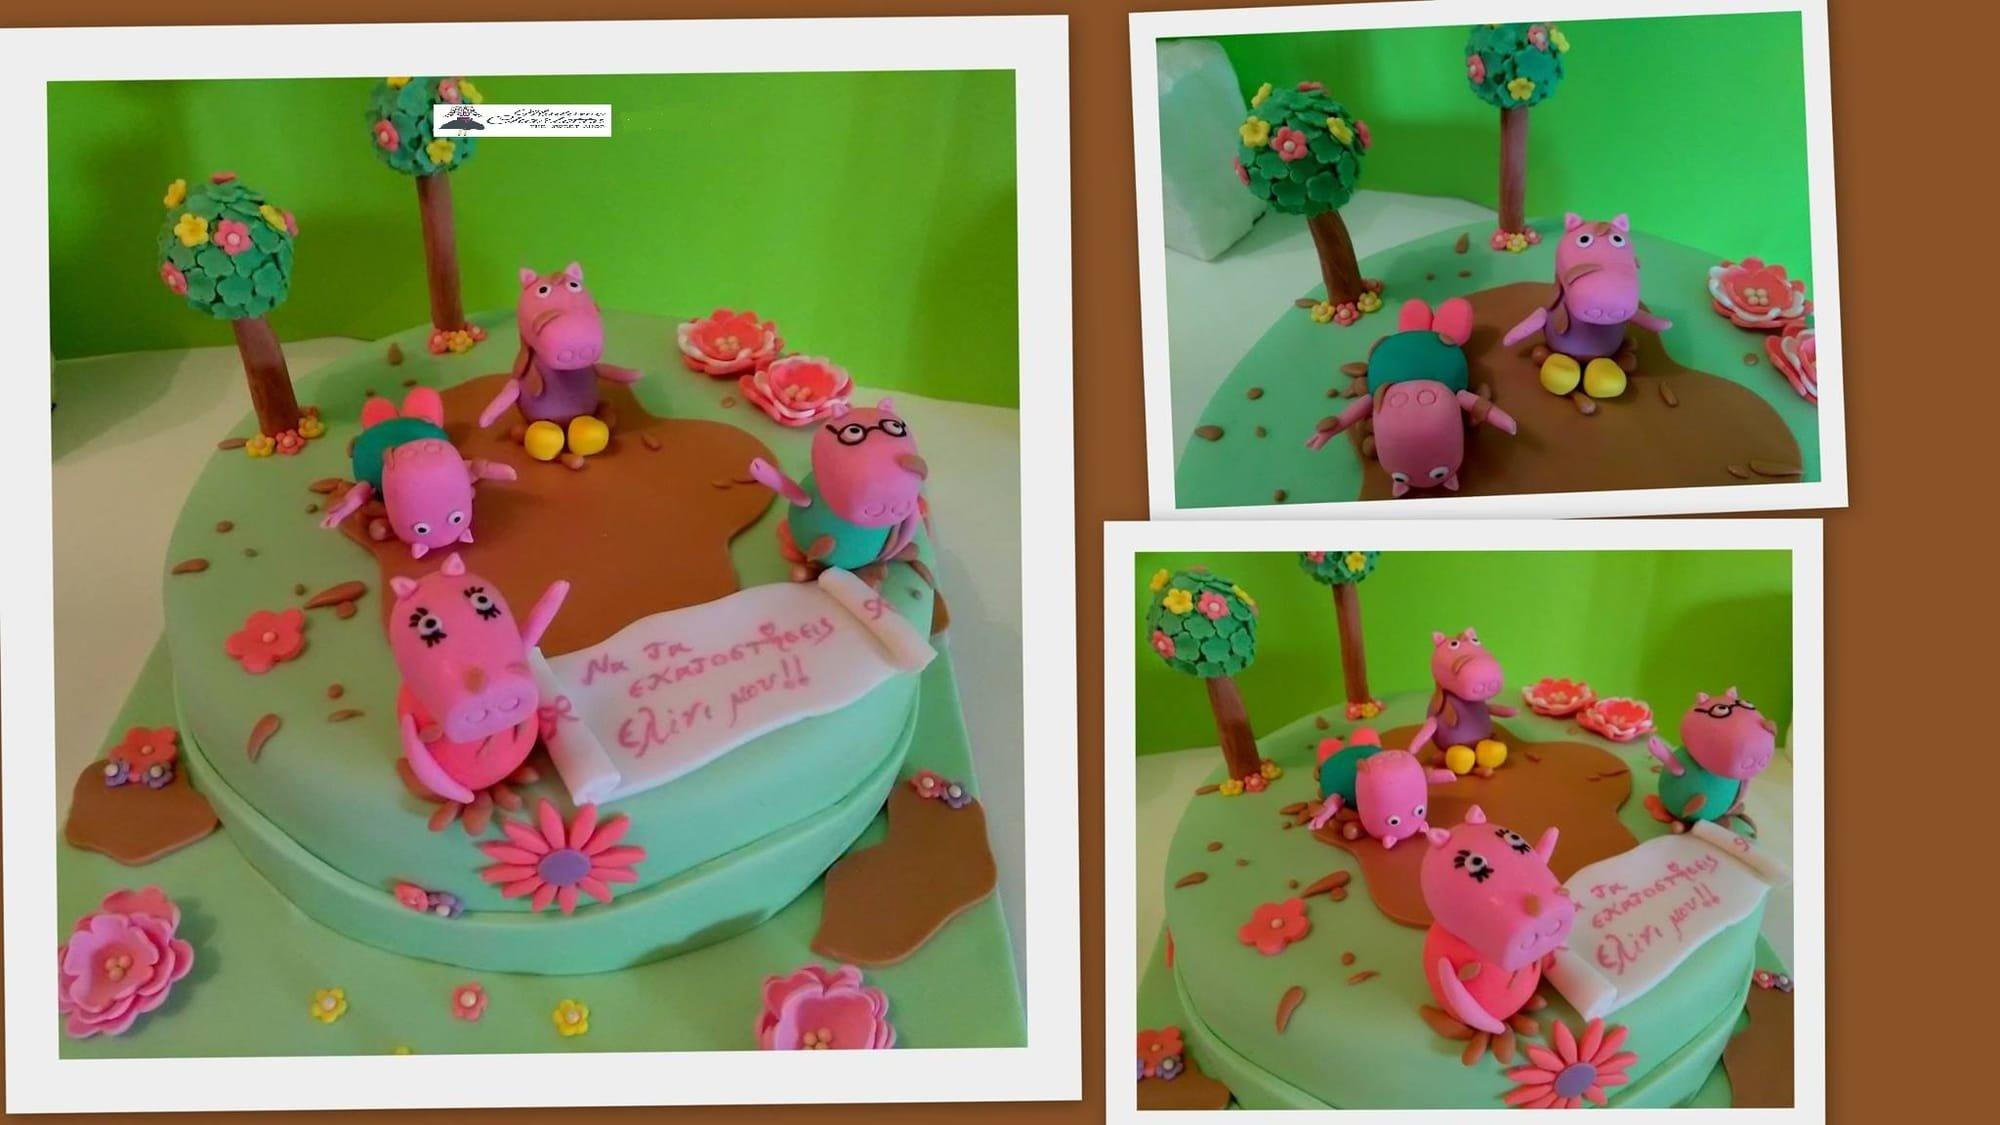 τούρτα από ζαχαρόπαστα peppa pig, Ζαχαροπλαστείο καλαμάτα madamecharlotte.gr, τούρτες  παιδικές γεννεθλίων γάμου βάπτησης παιδικές θεματικές birthday theme party cake 2d 3d confectionery patisserie kalamata